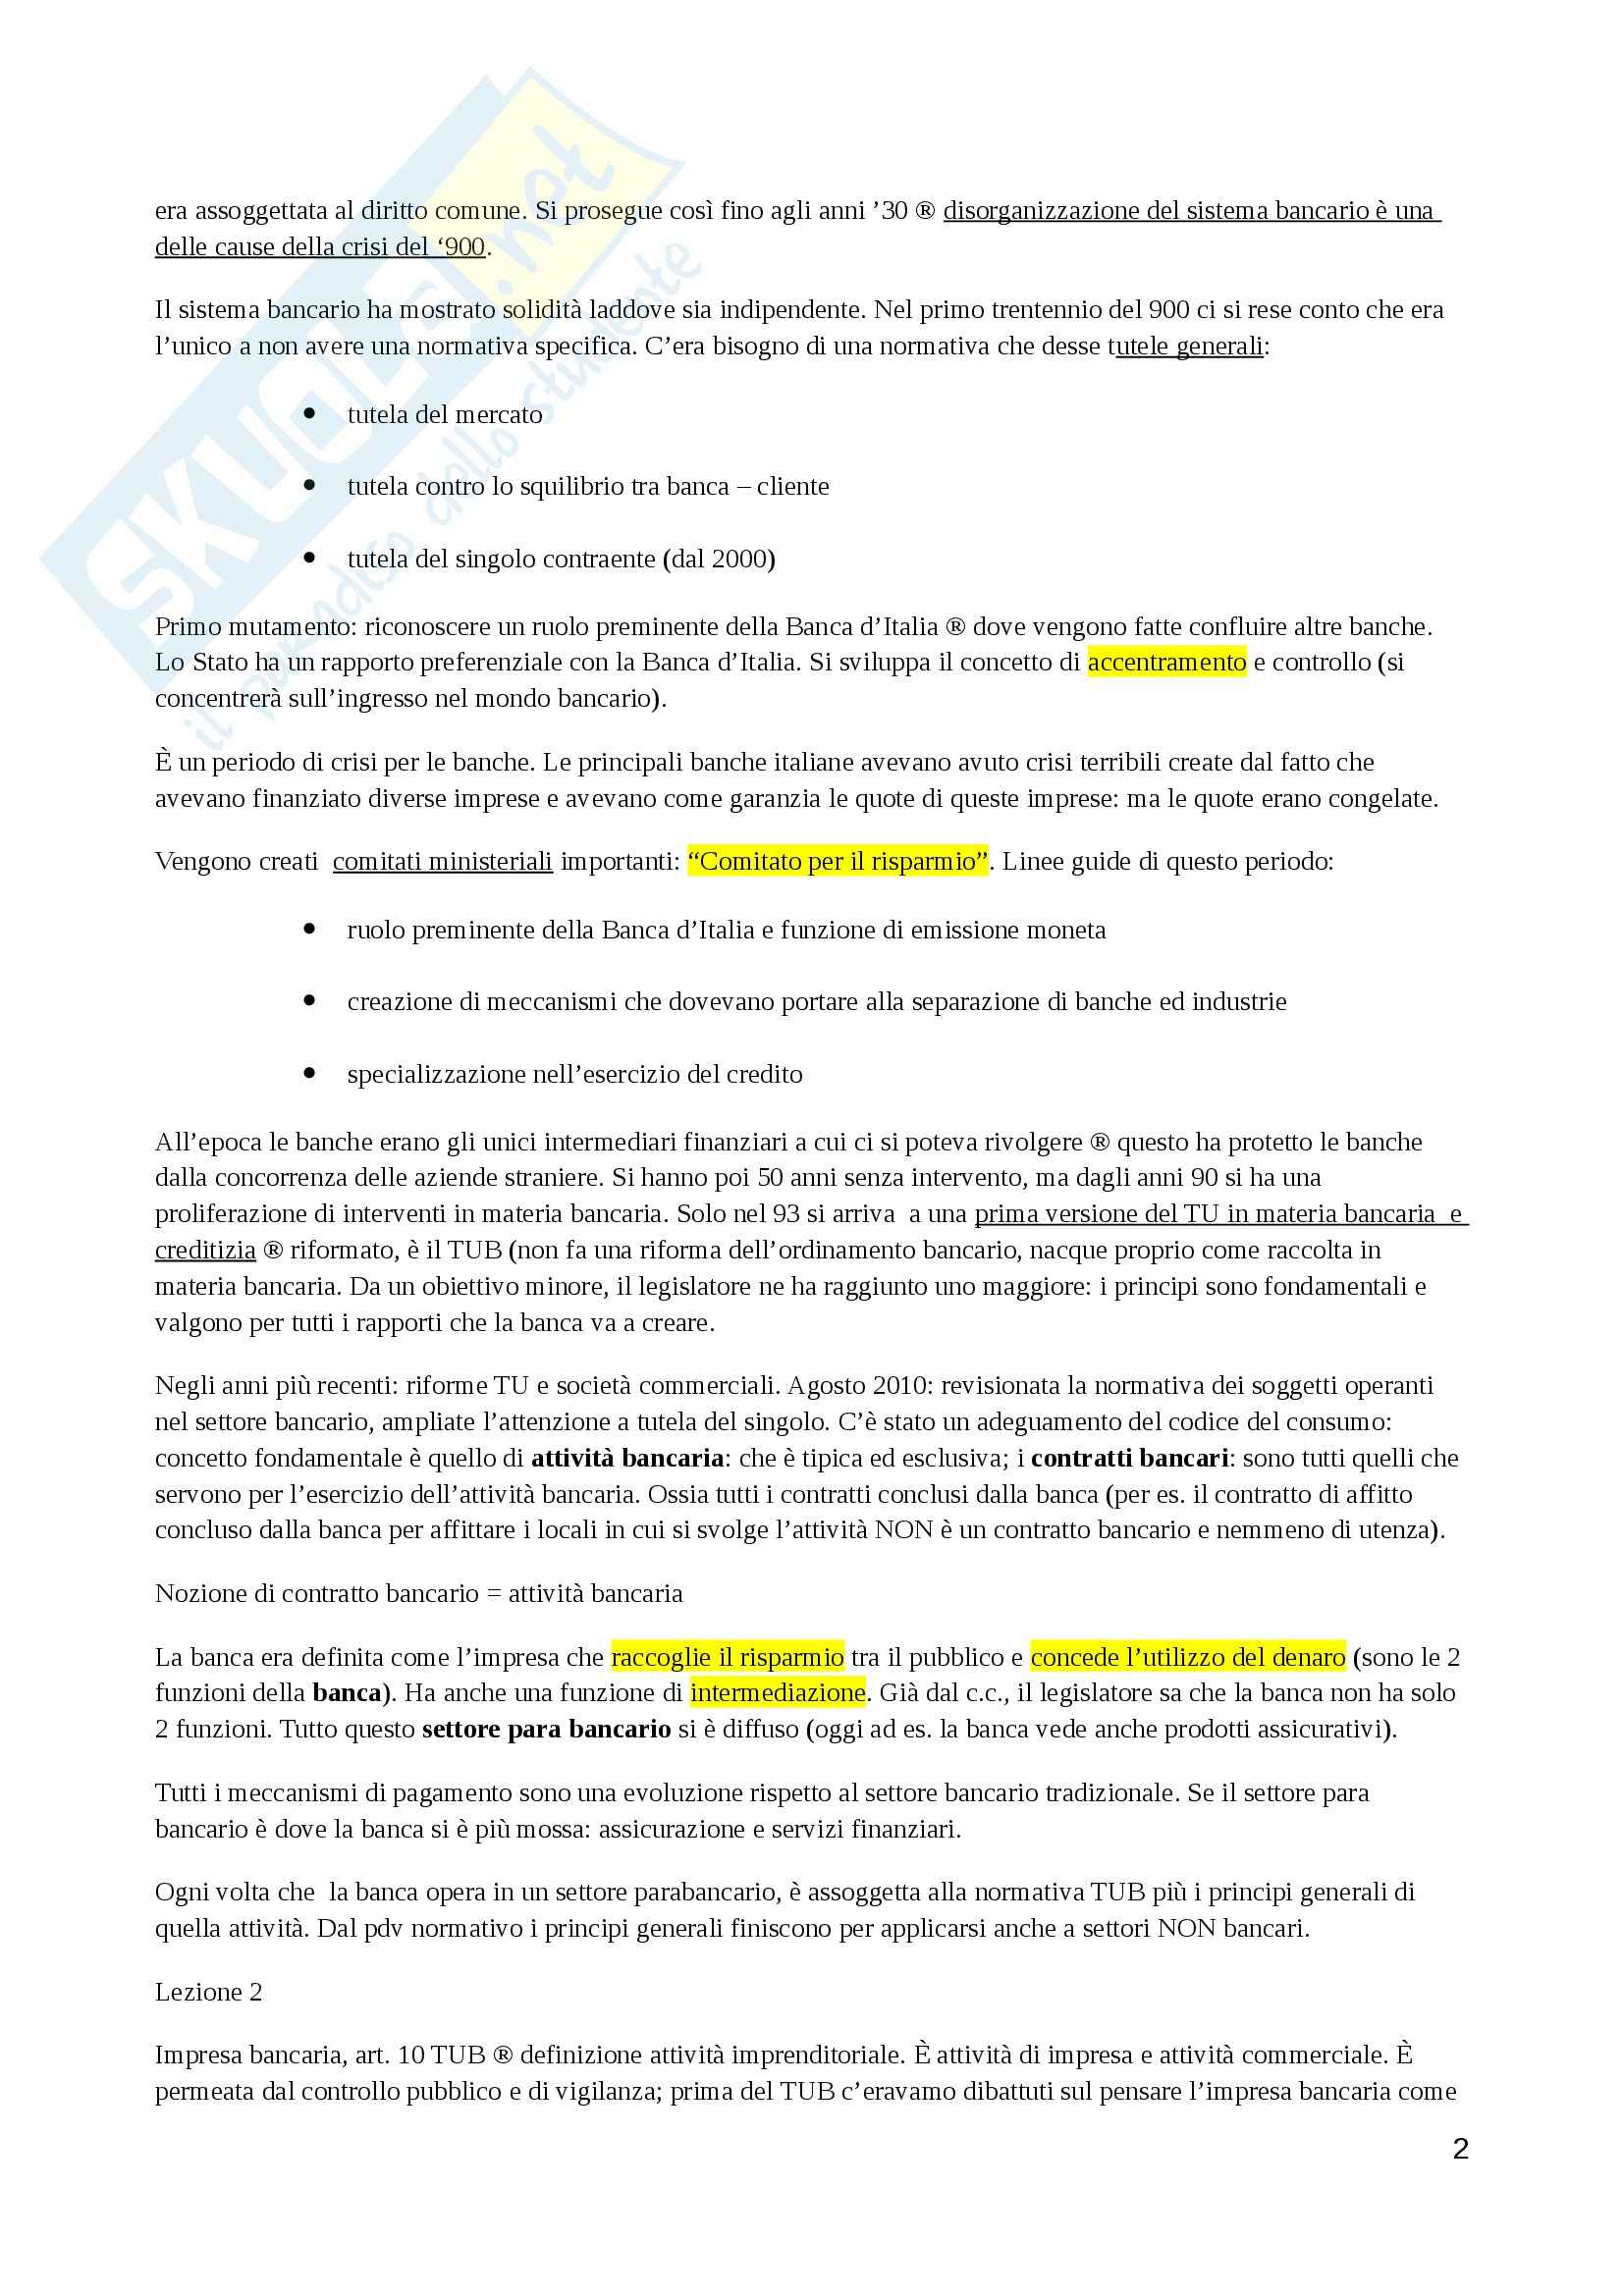 Lezioni, Diritto bancario Pag. 2